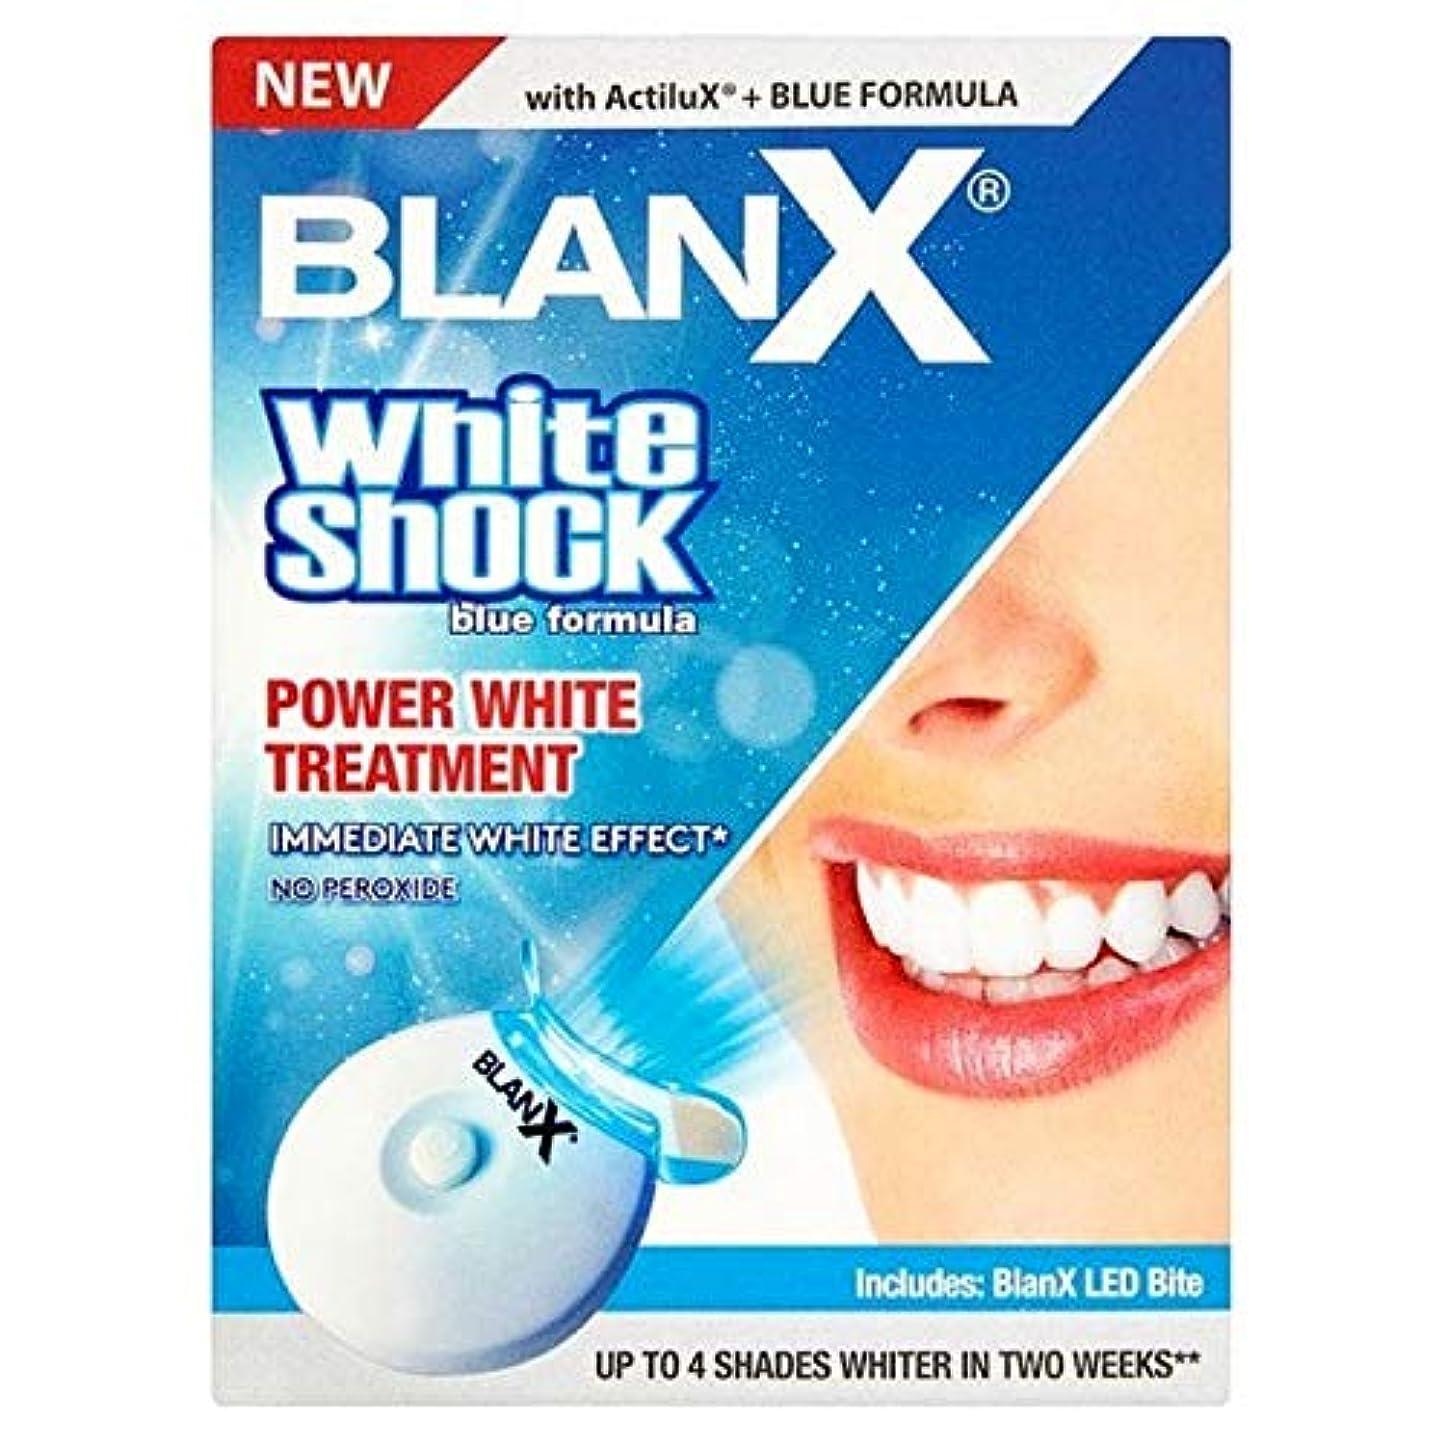 アドバイス祝福メンテナンス[Blanx] Blanx白ショック処理50ミリリットル - BlanX White Shock Treatment 50ml [並行輸入品]